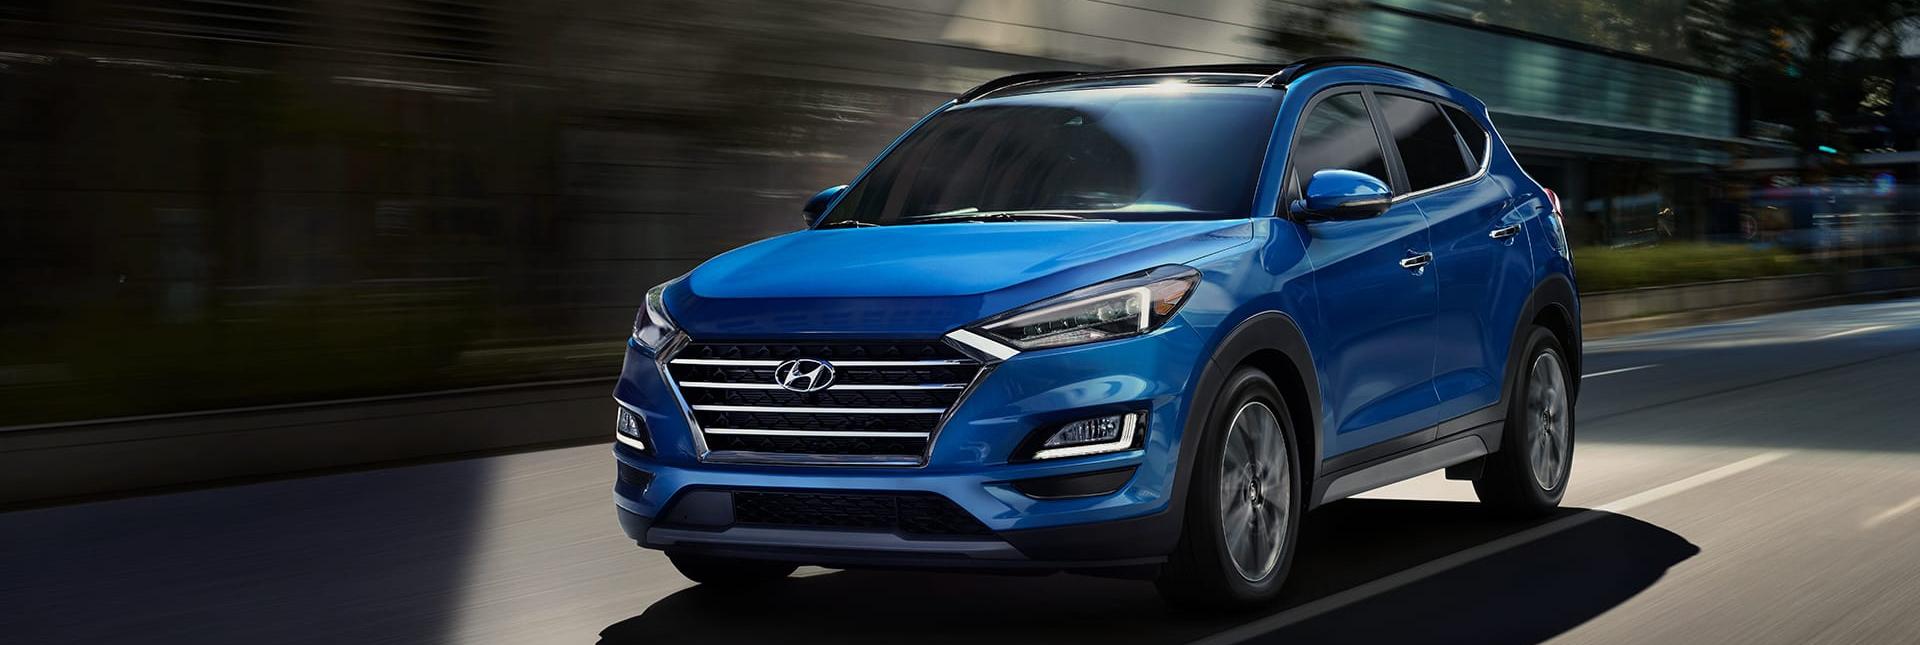 Hyundai Tucson 2020 a la venta cerca de Alexandria, VA